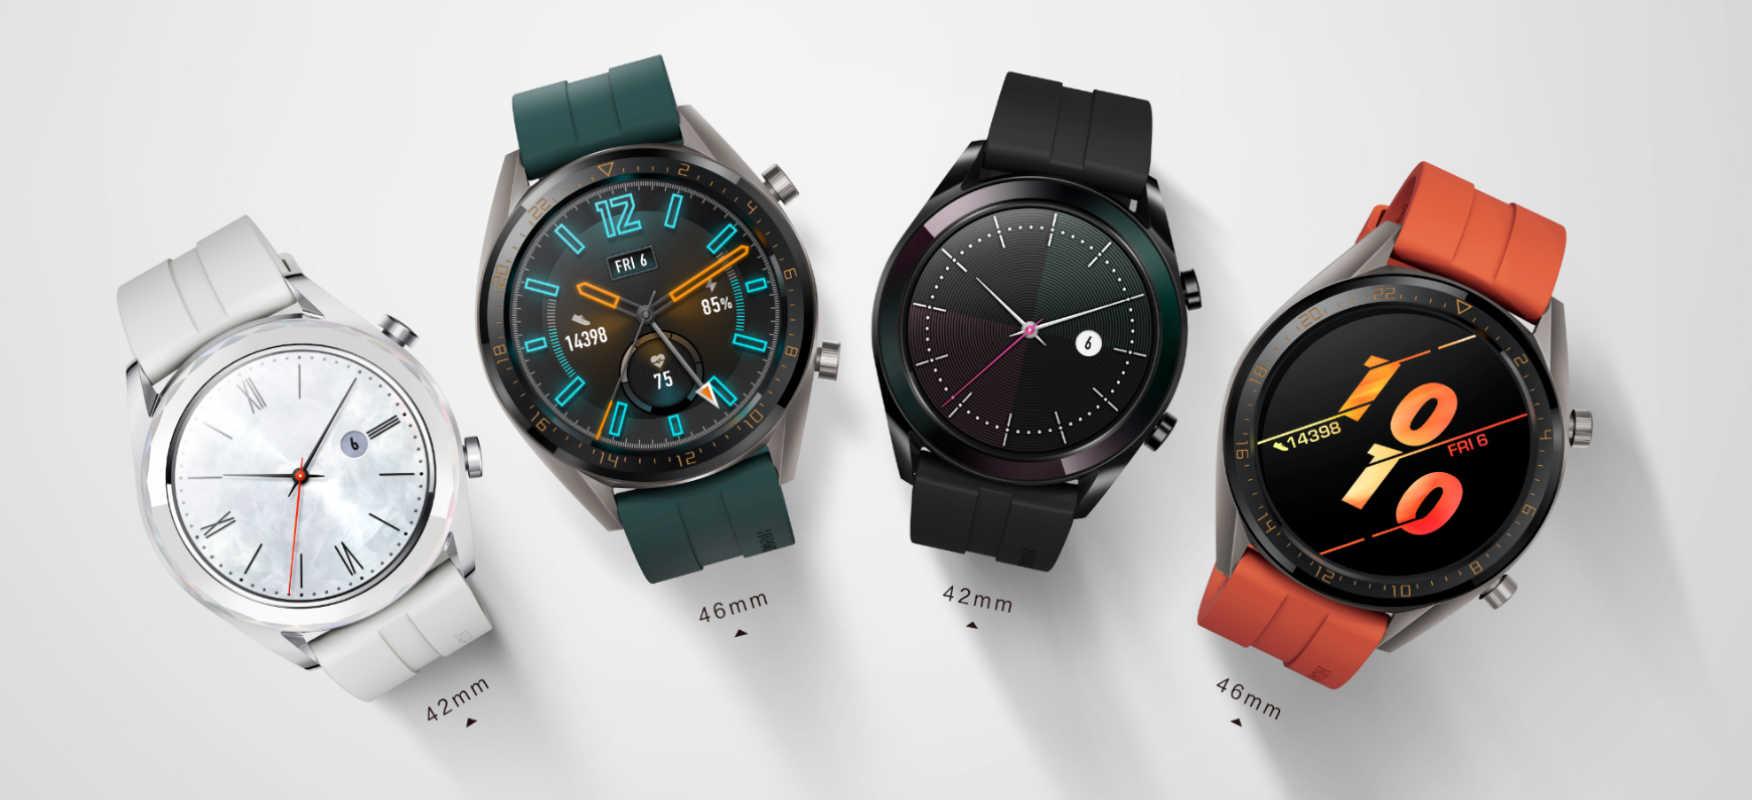 TOP chytré hodinky, které jsou nyní v akci! [sponzorovaný článek]